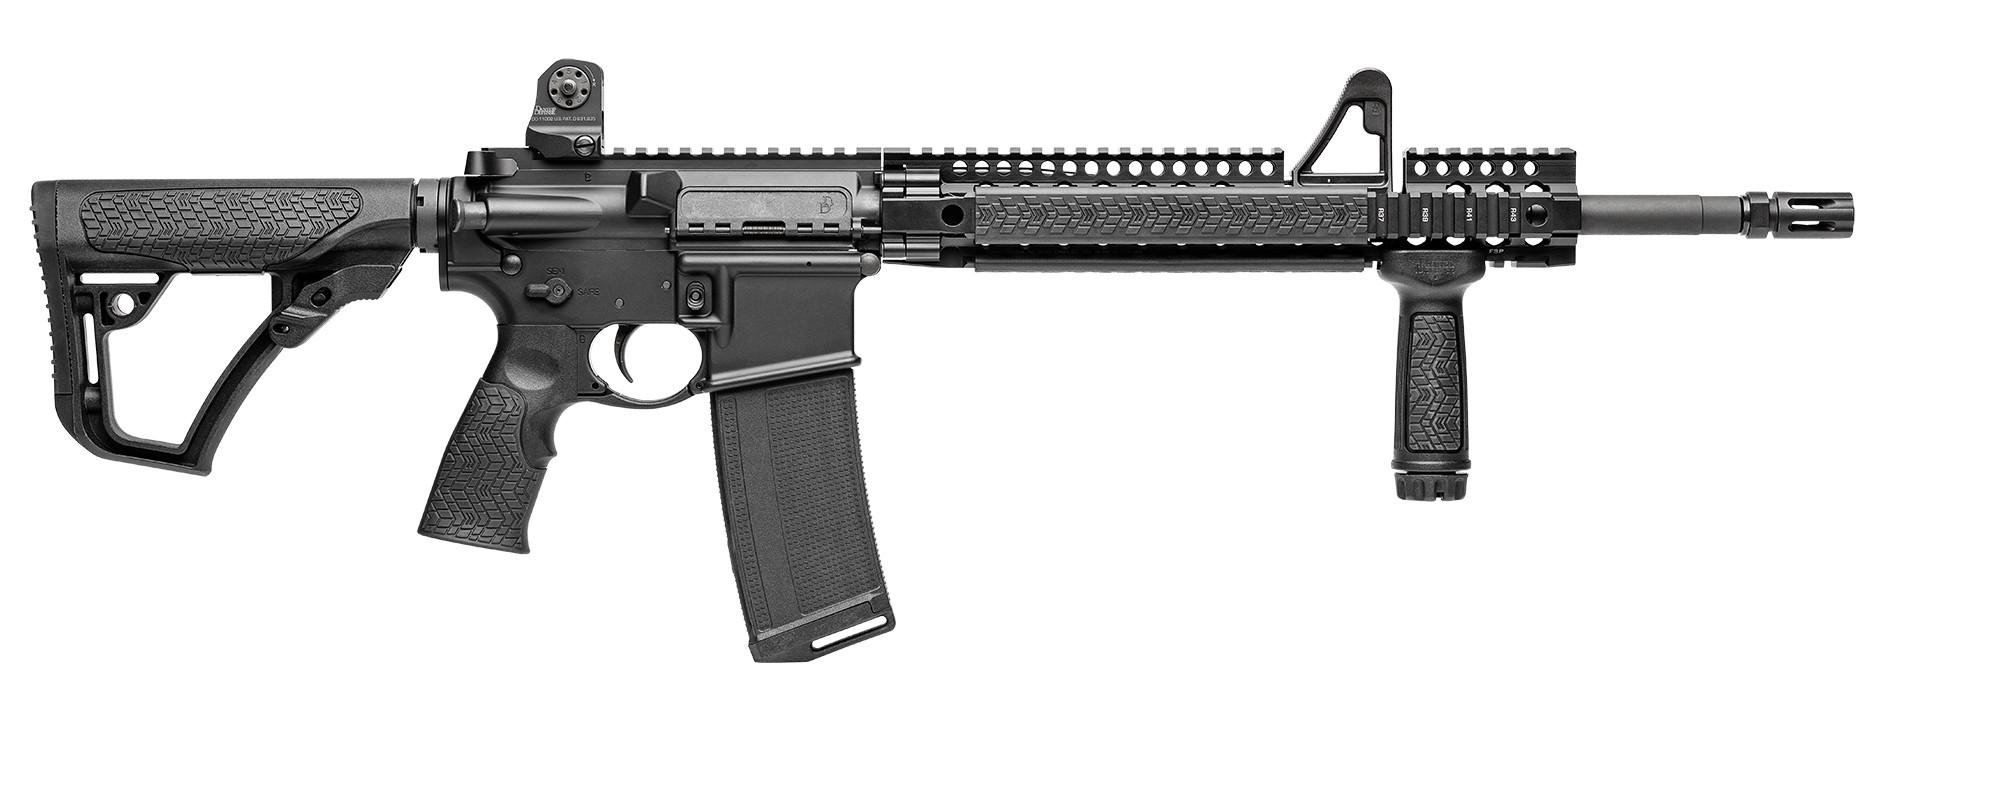 Daniel Defense M4V1